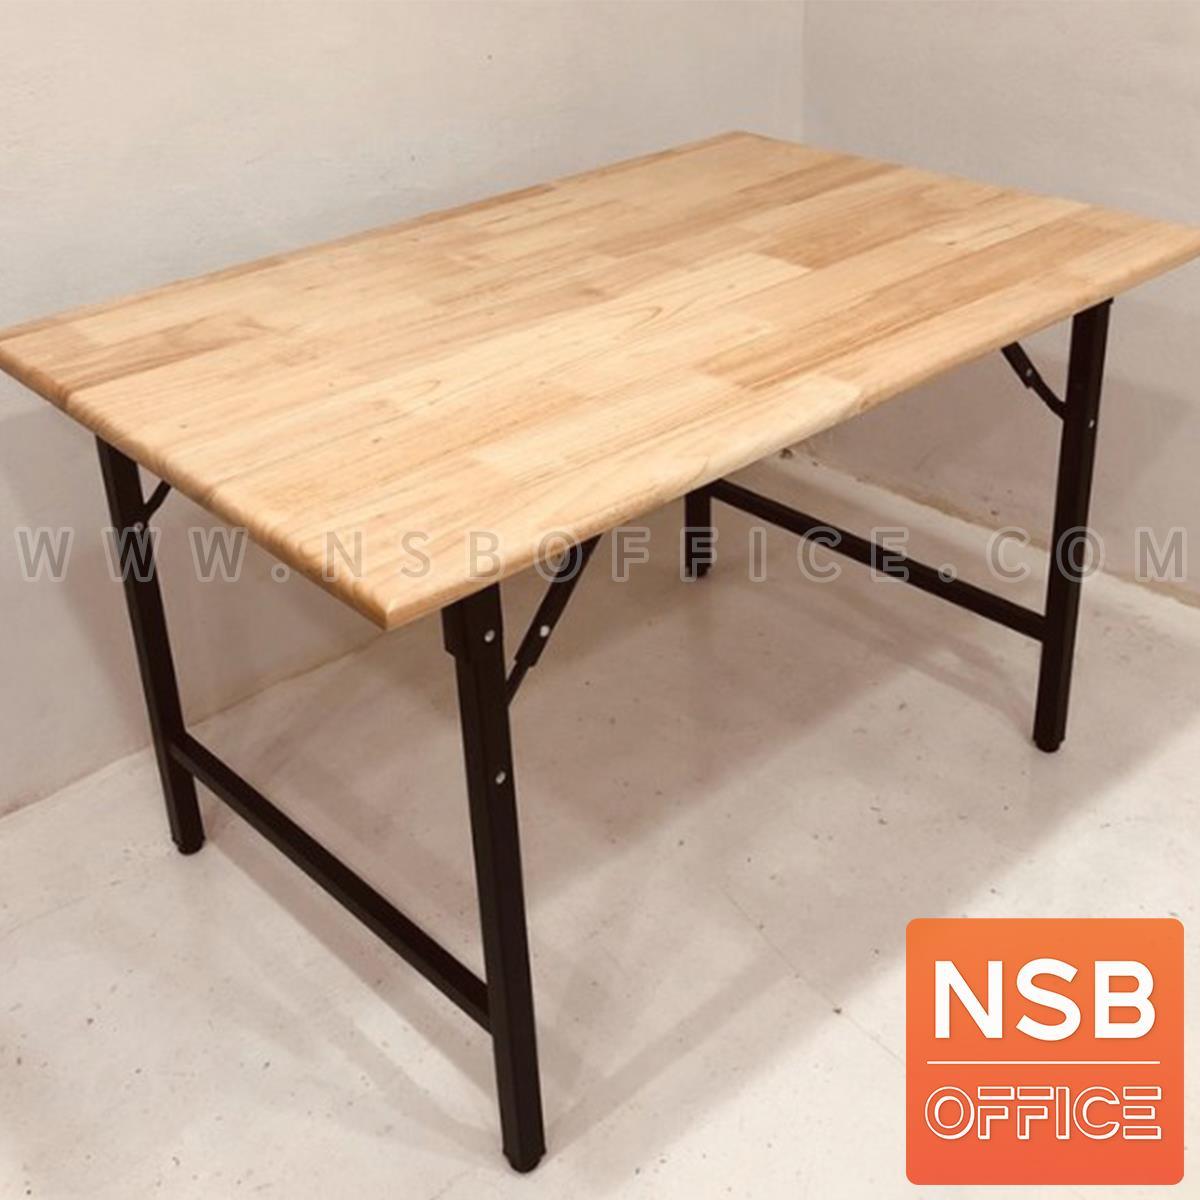 A07A087:โต๊ะพับหน้าไม้ยางพารา ขนาด 120 cm. รุ่น Kruz (ครัซ)  ขาเหล็กพ่นดำ